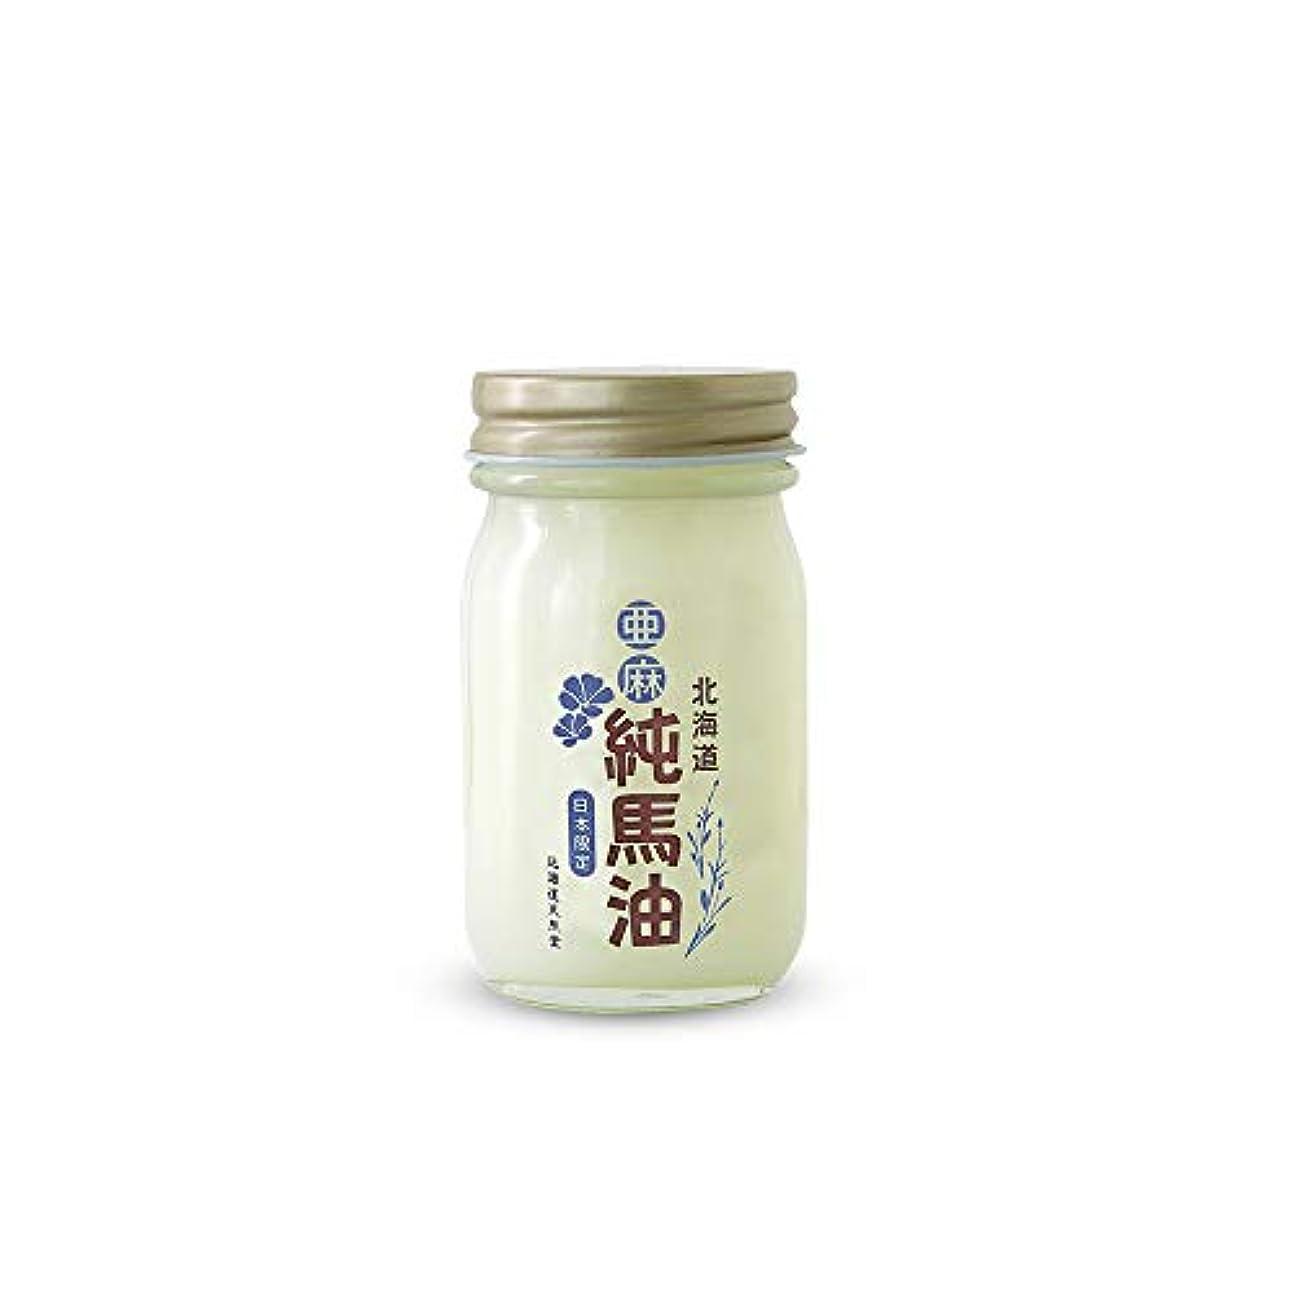 バーター任命輪郭アマ純馬油 80g / 北海道天然堂